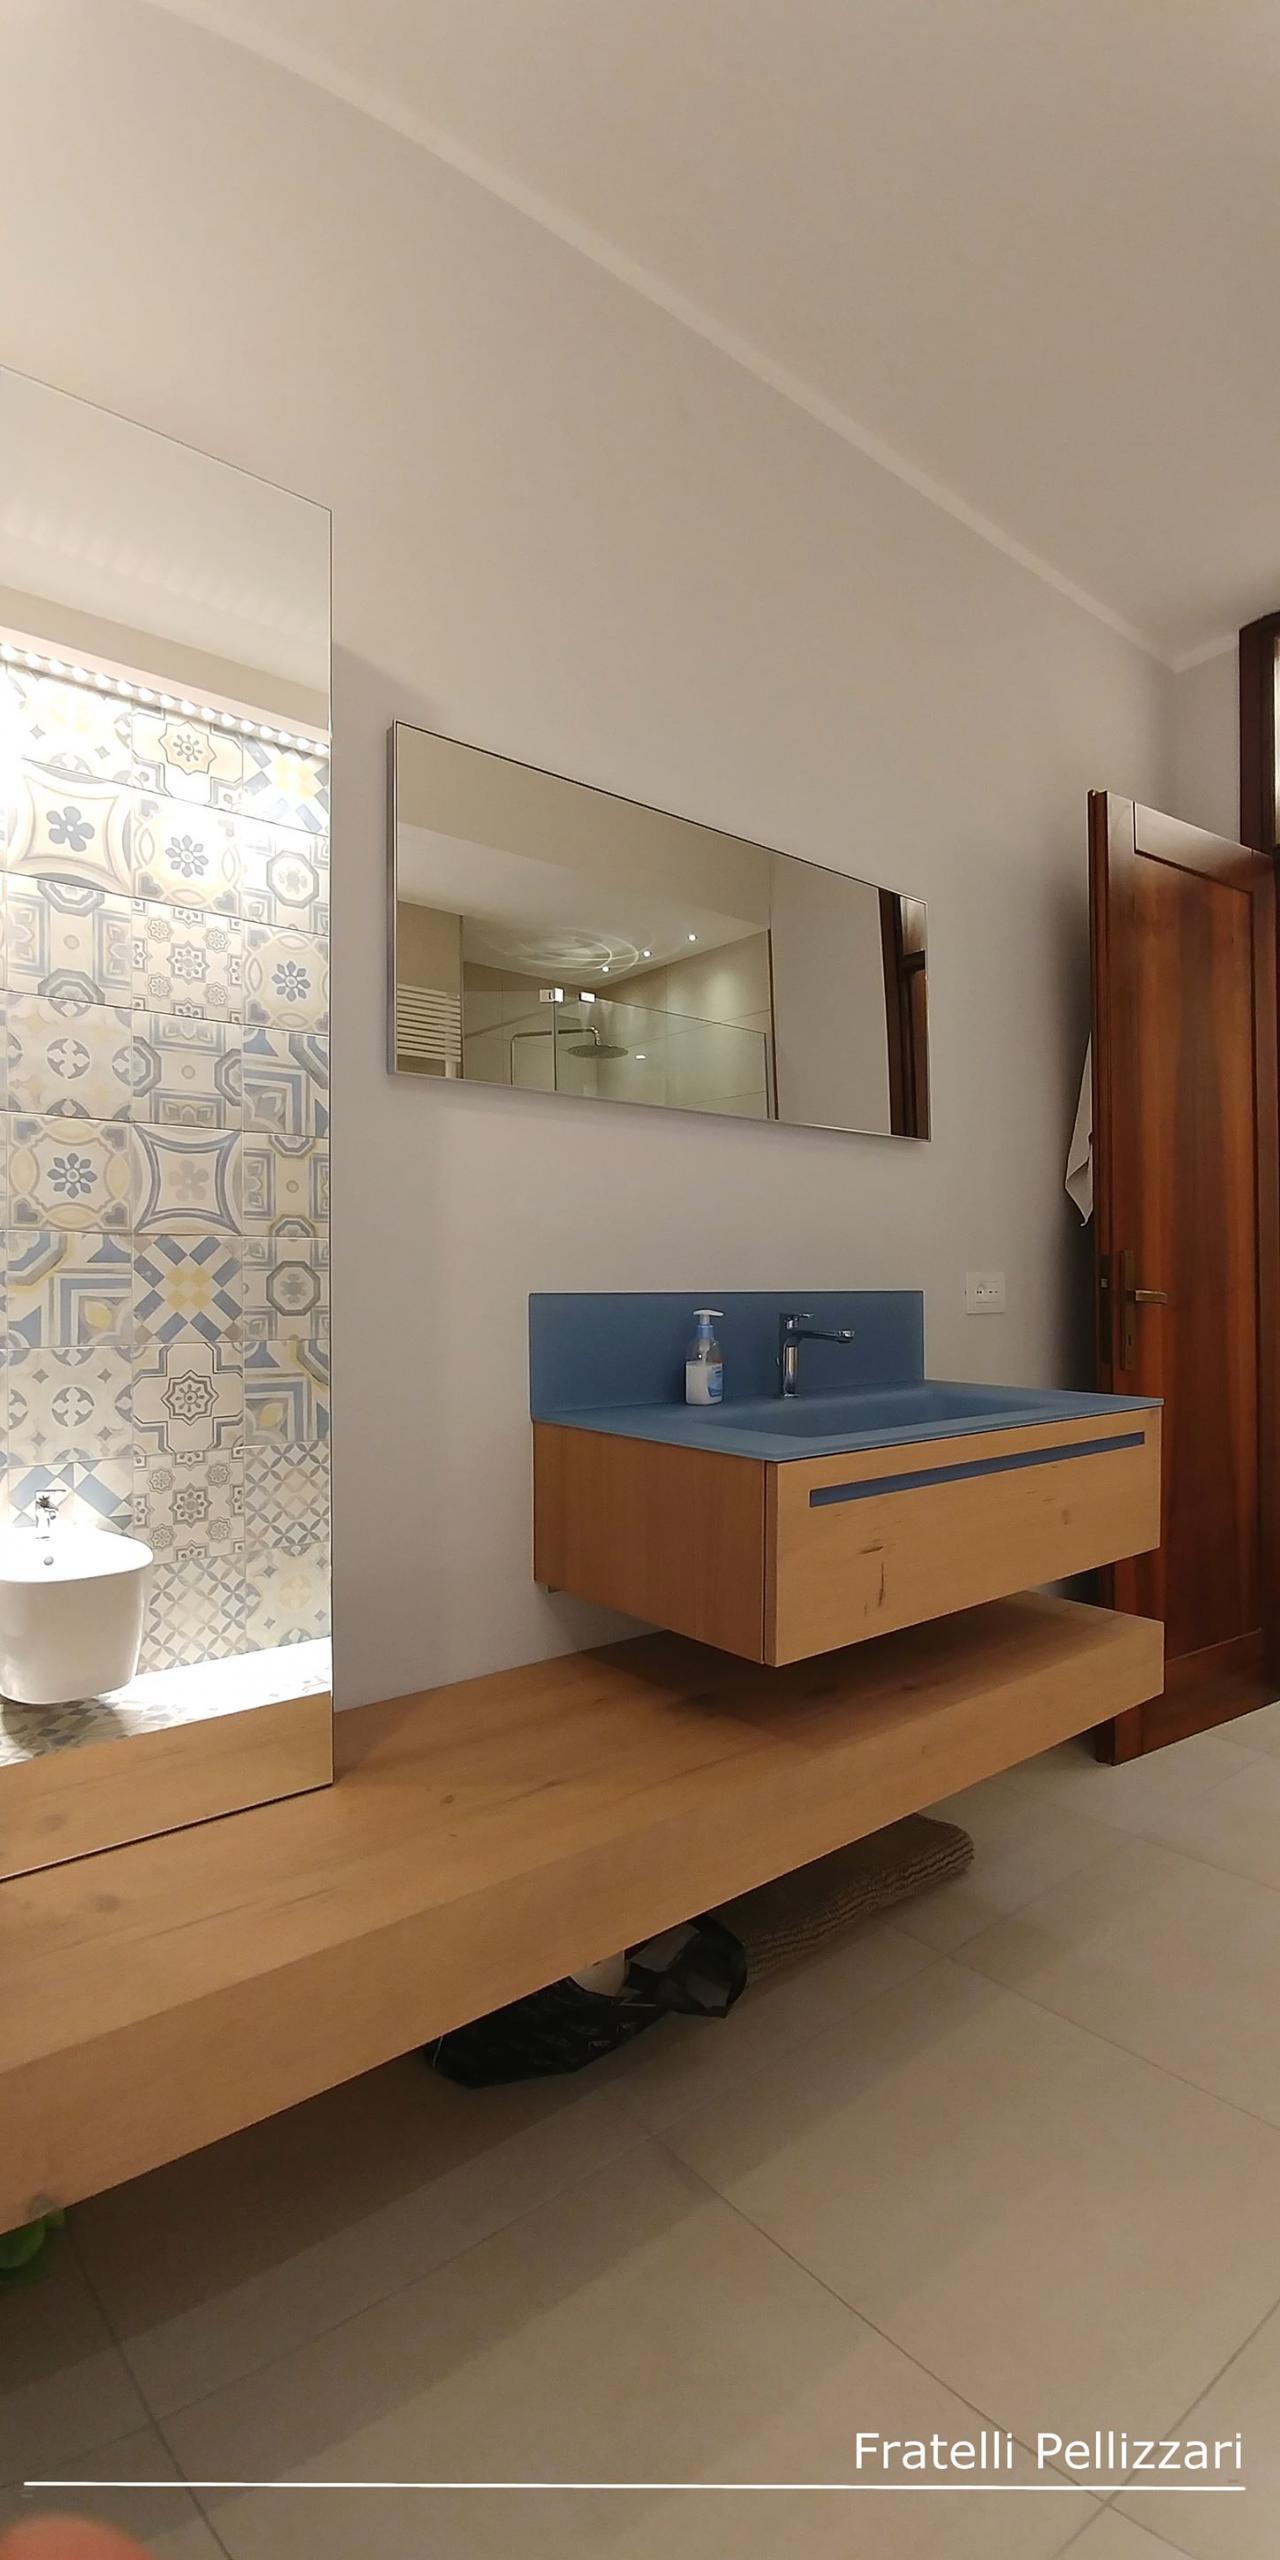 Il mobile per il bagno fratelli pellizzari for Cassettone bagno